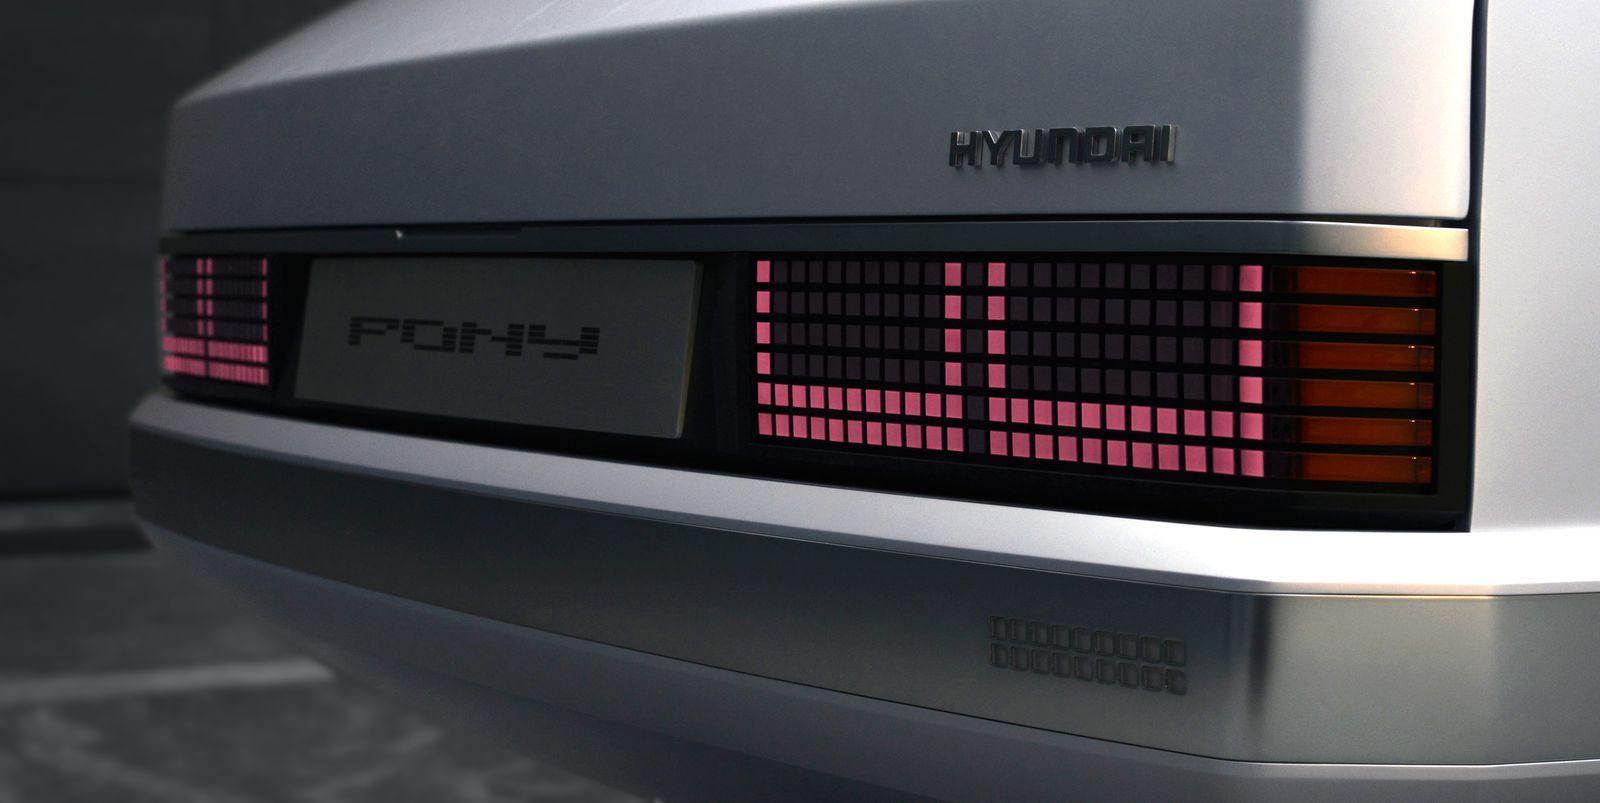 HyundaiPony_2021_AutoRok_18